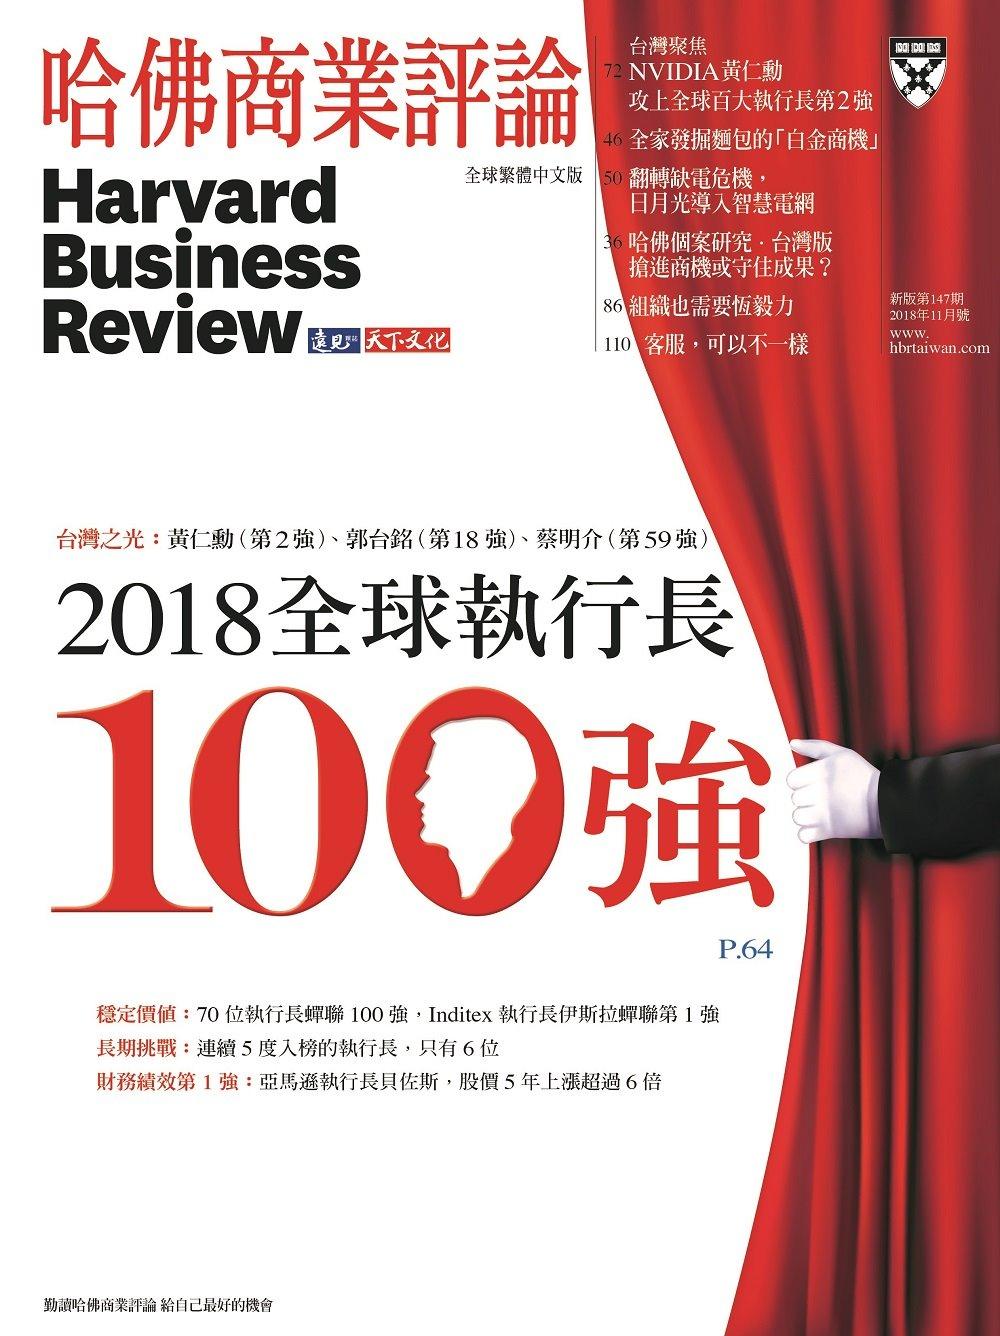 哈佛商業評論全球中文版 11月號/2018 第147期